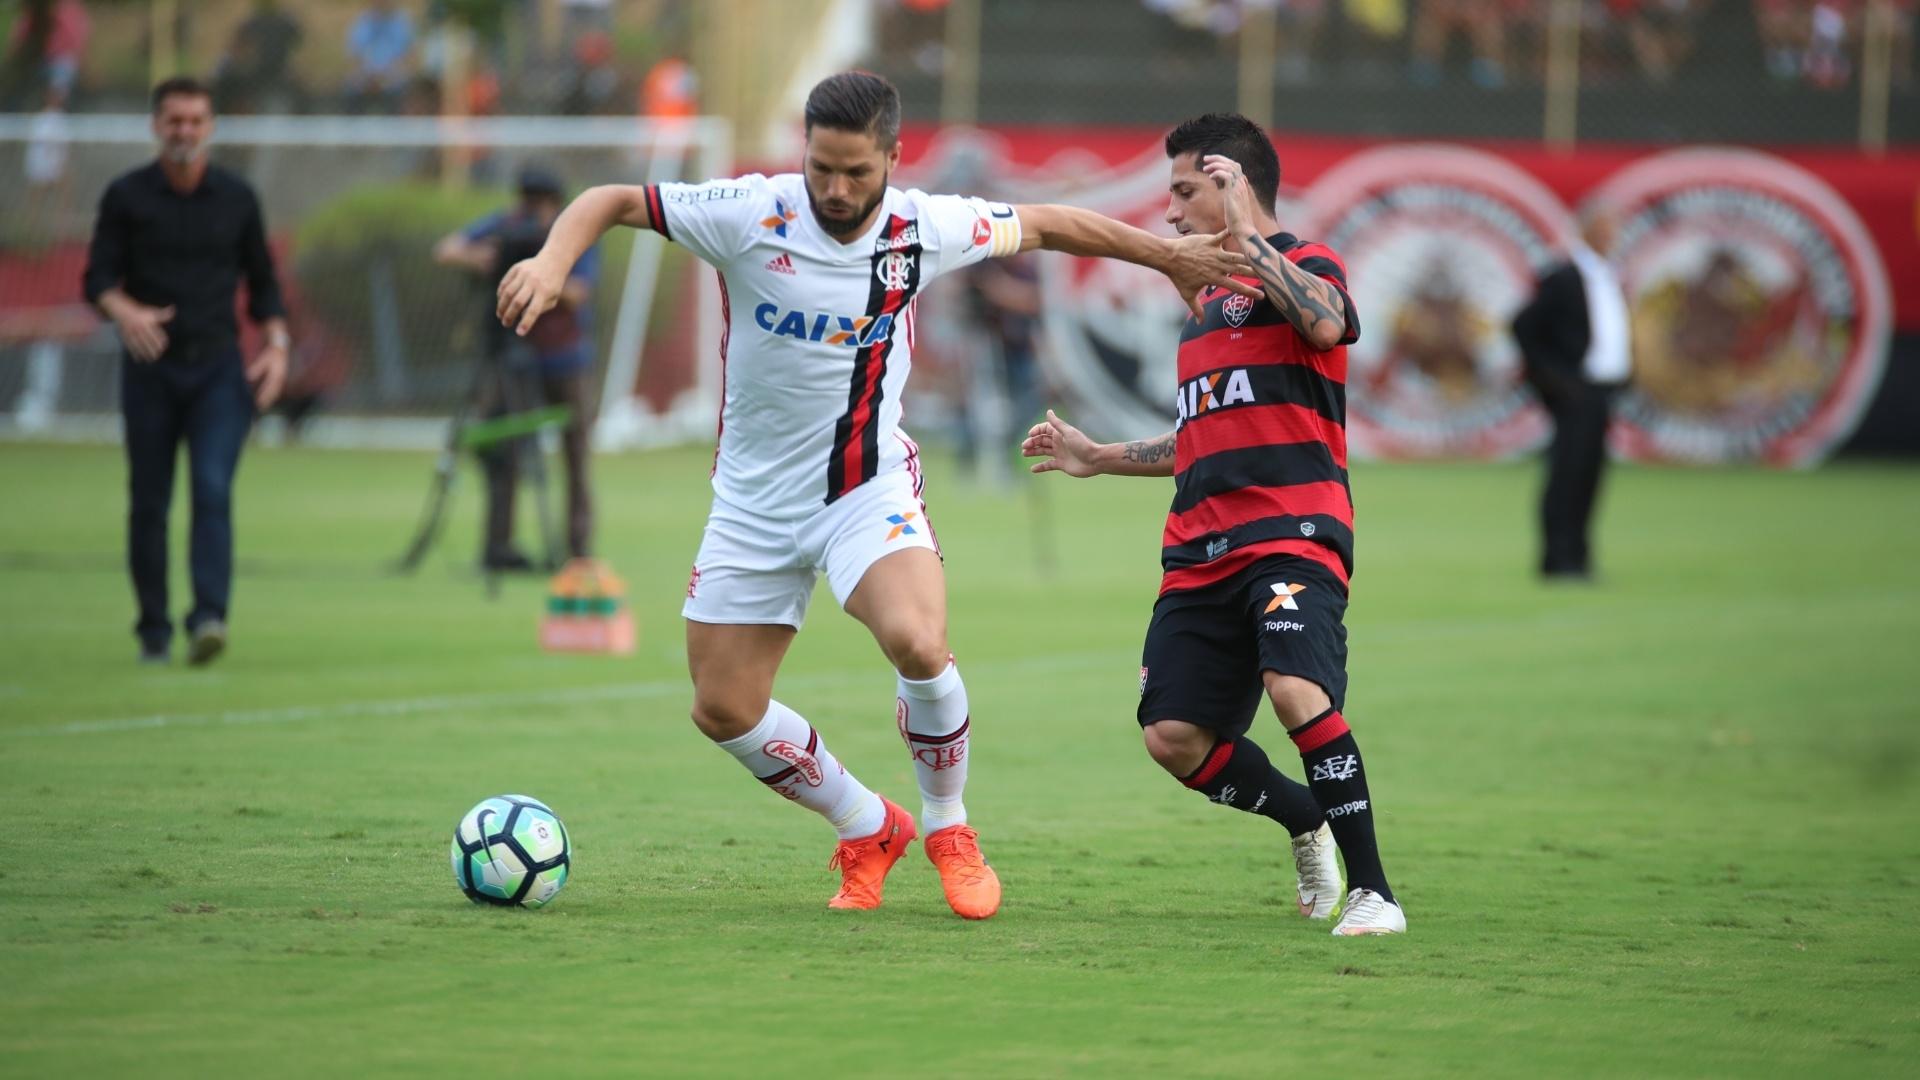 Diego e Danilinho disputam lance durante jogo entre Vitória e Flamengo